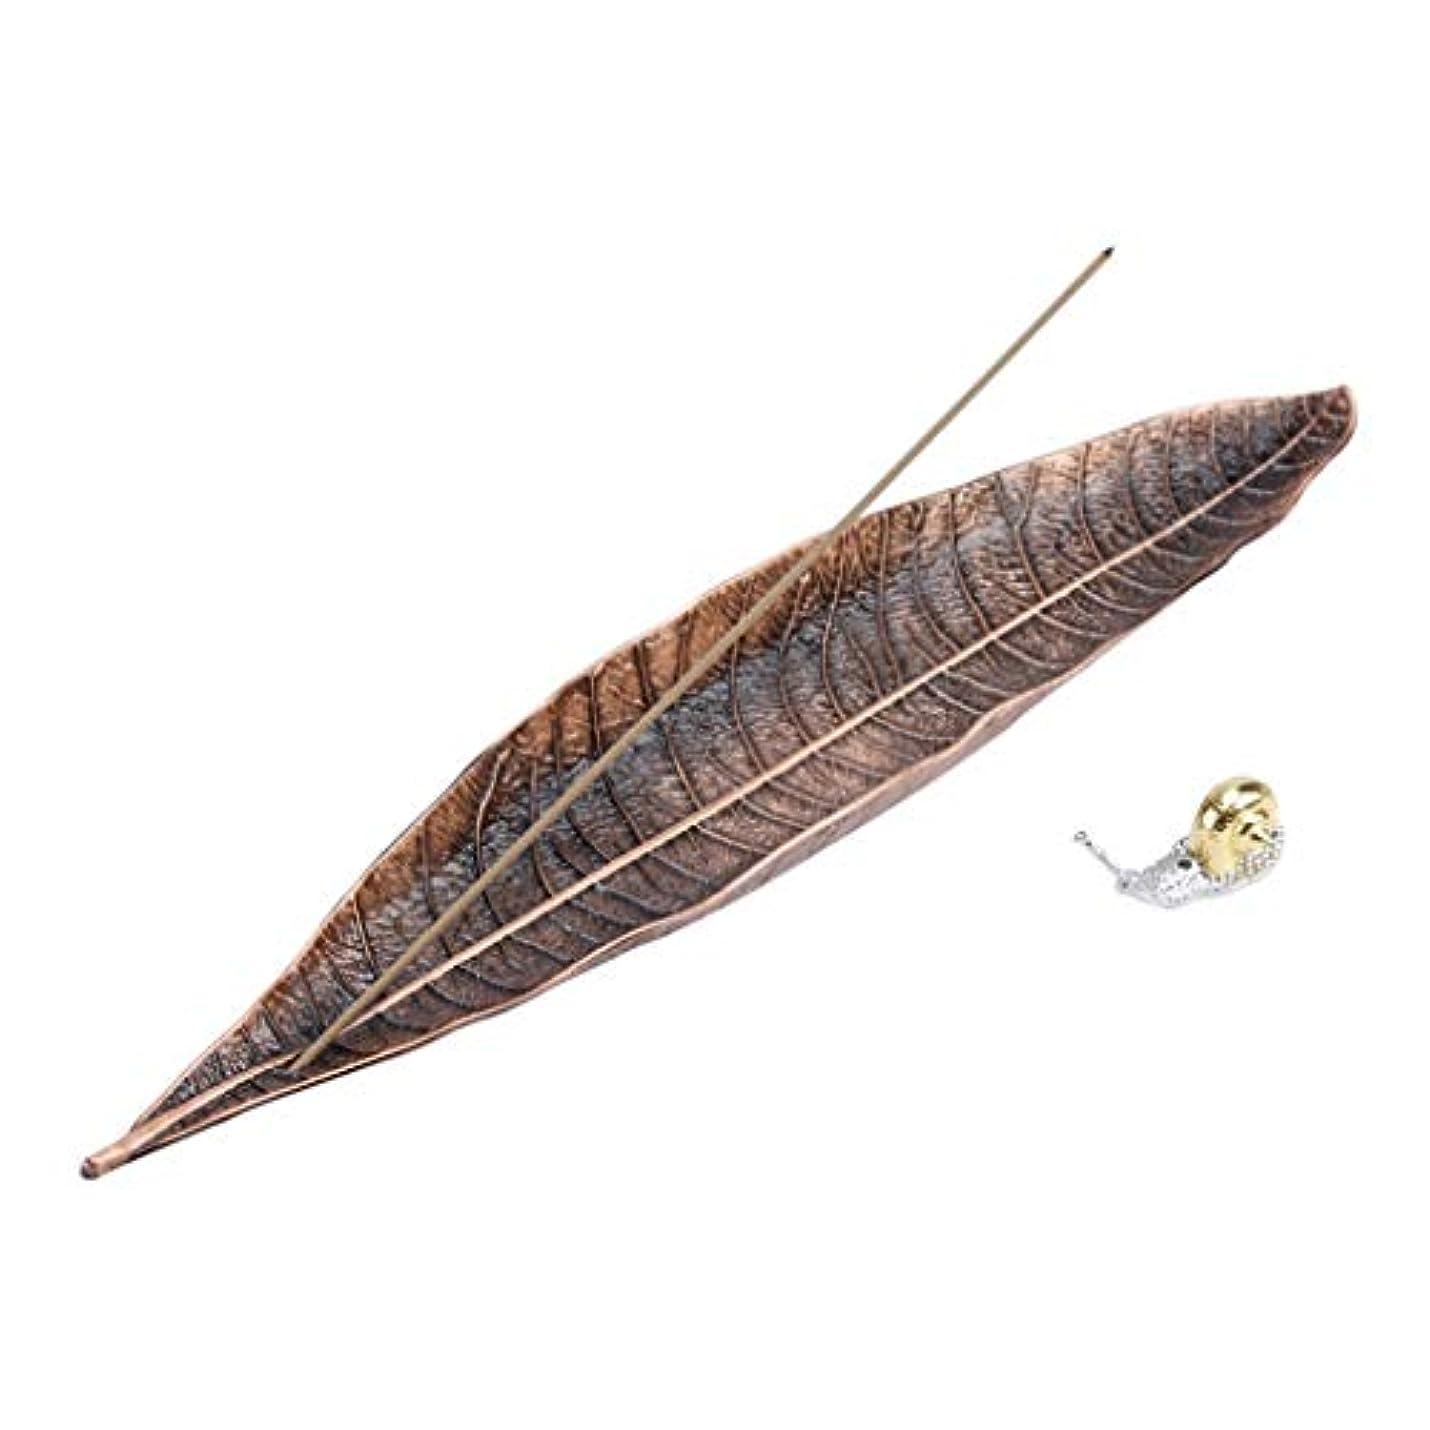 嘆願理解する説得力のある芳香器?アロマバーナー カタツムリの香の棒のホールダーの家の装飾の付属品が付いている葉の香のホールダーの灰のキャッチャーの長い香バーナー アロマバーナー芳香器 (Color : A)